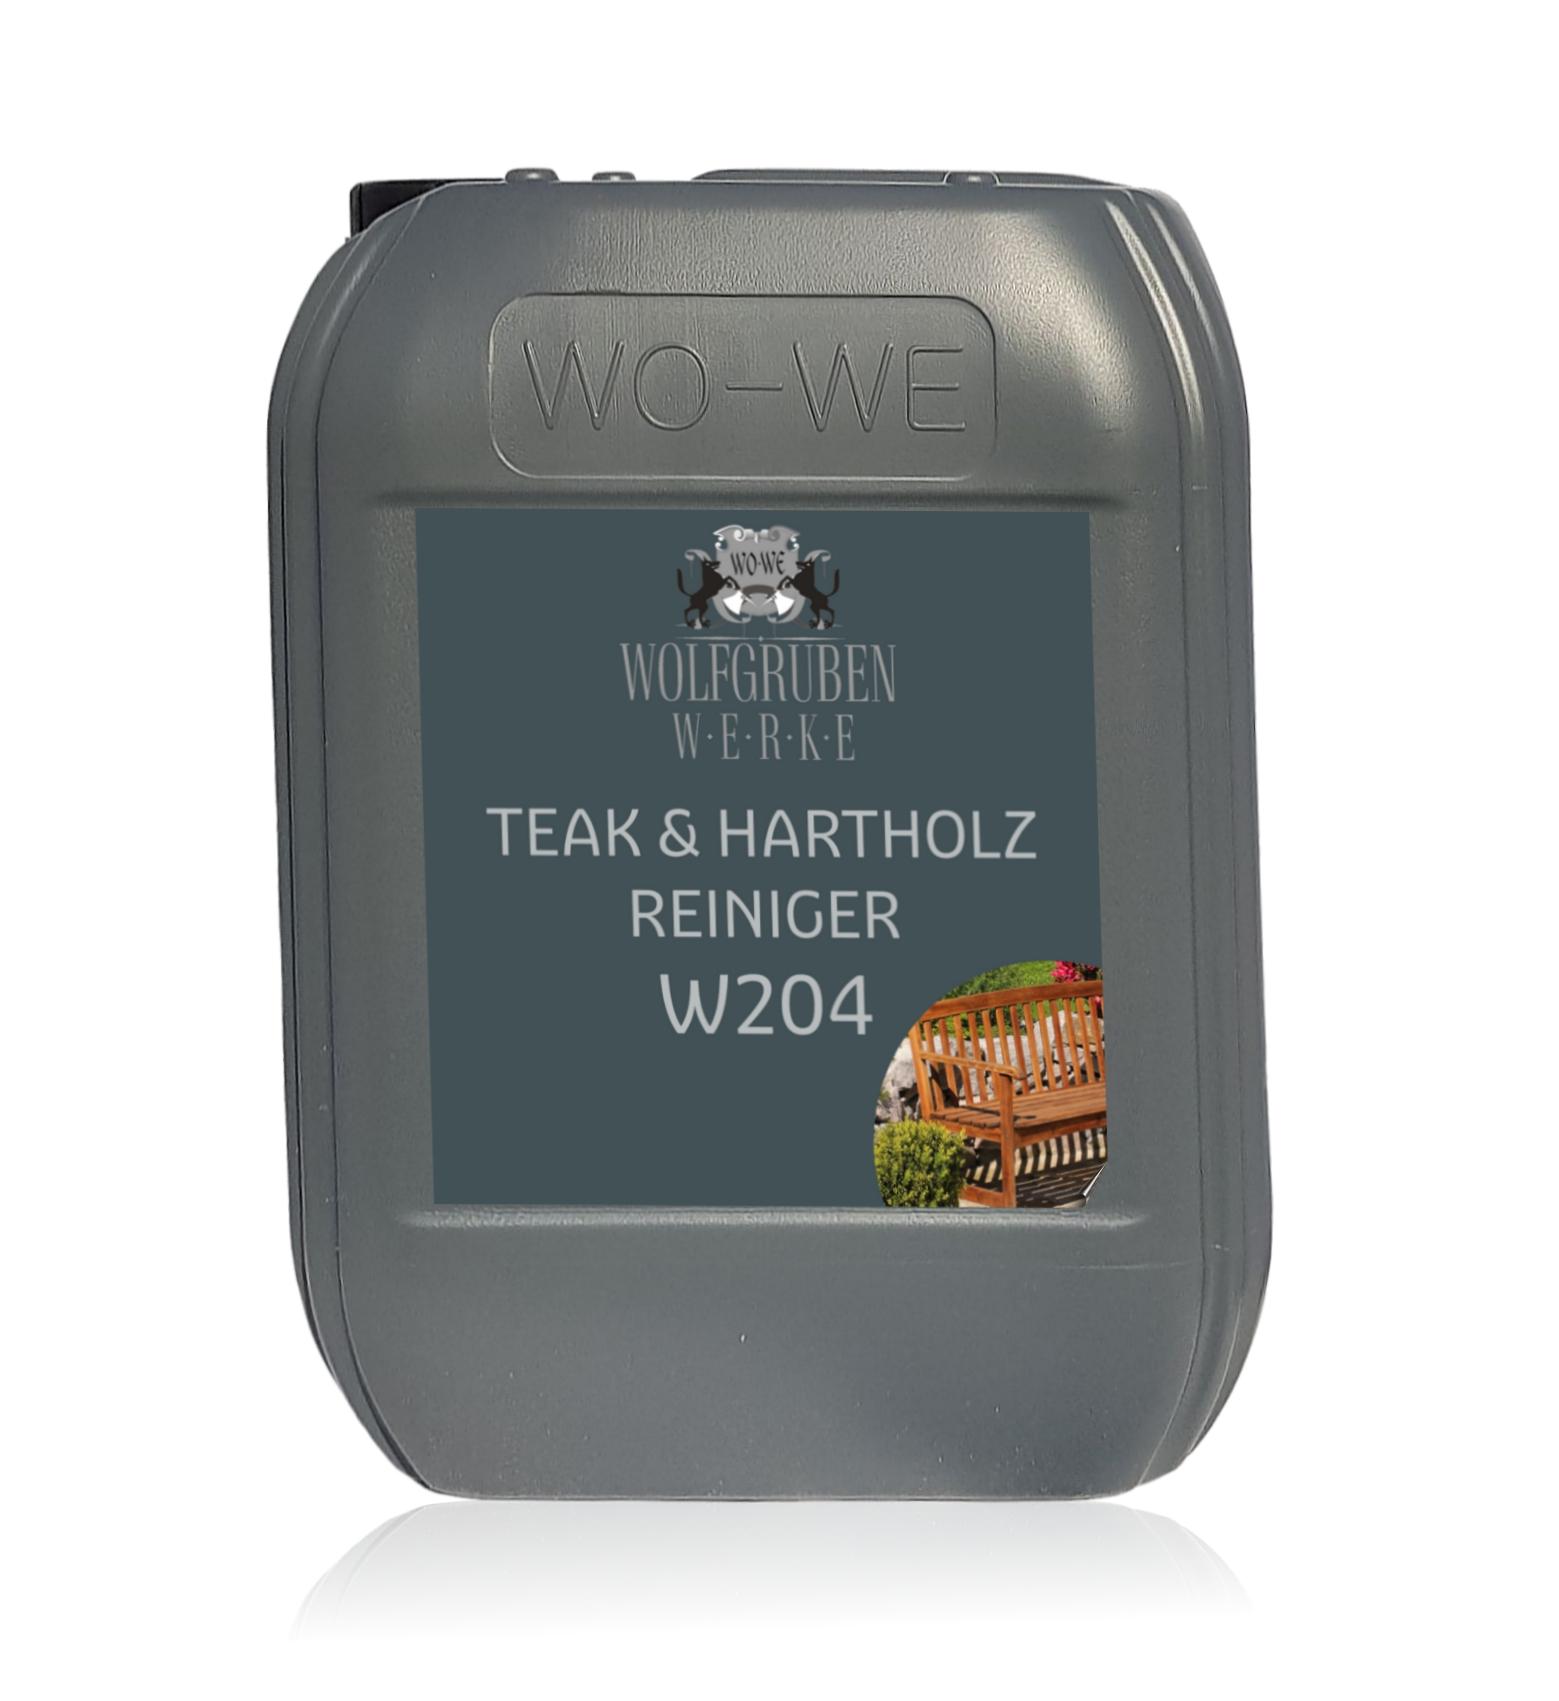 W204.jpg?dl=0